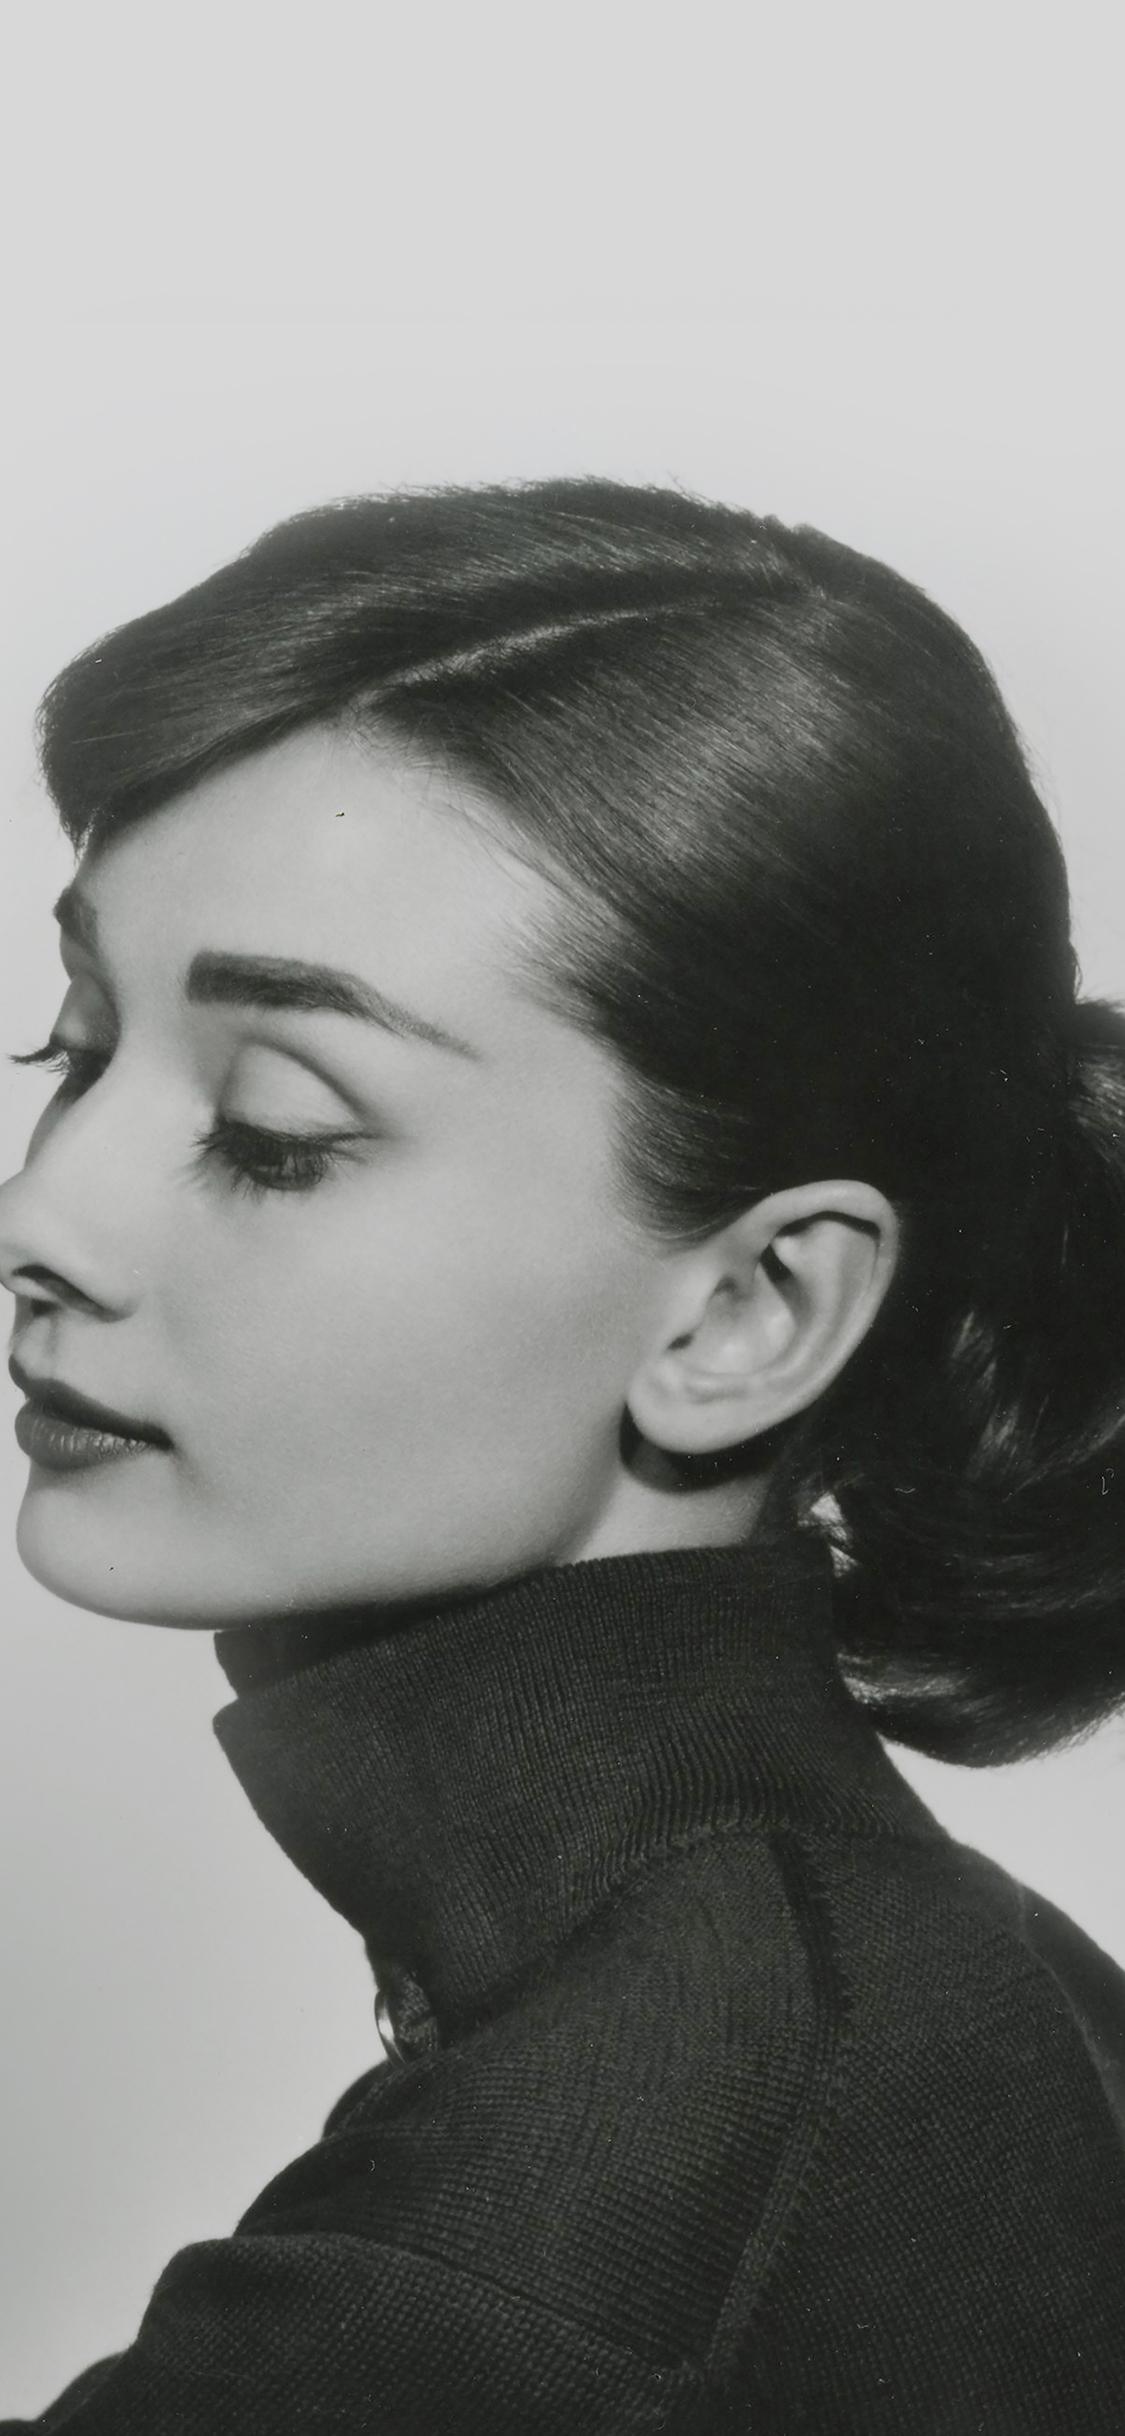 iPhoneXpapers.com-Apple-iPhone-wallpaper-hd40-audrey-hapburn-classic-sexy-woman